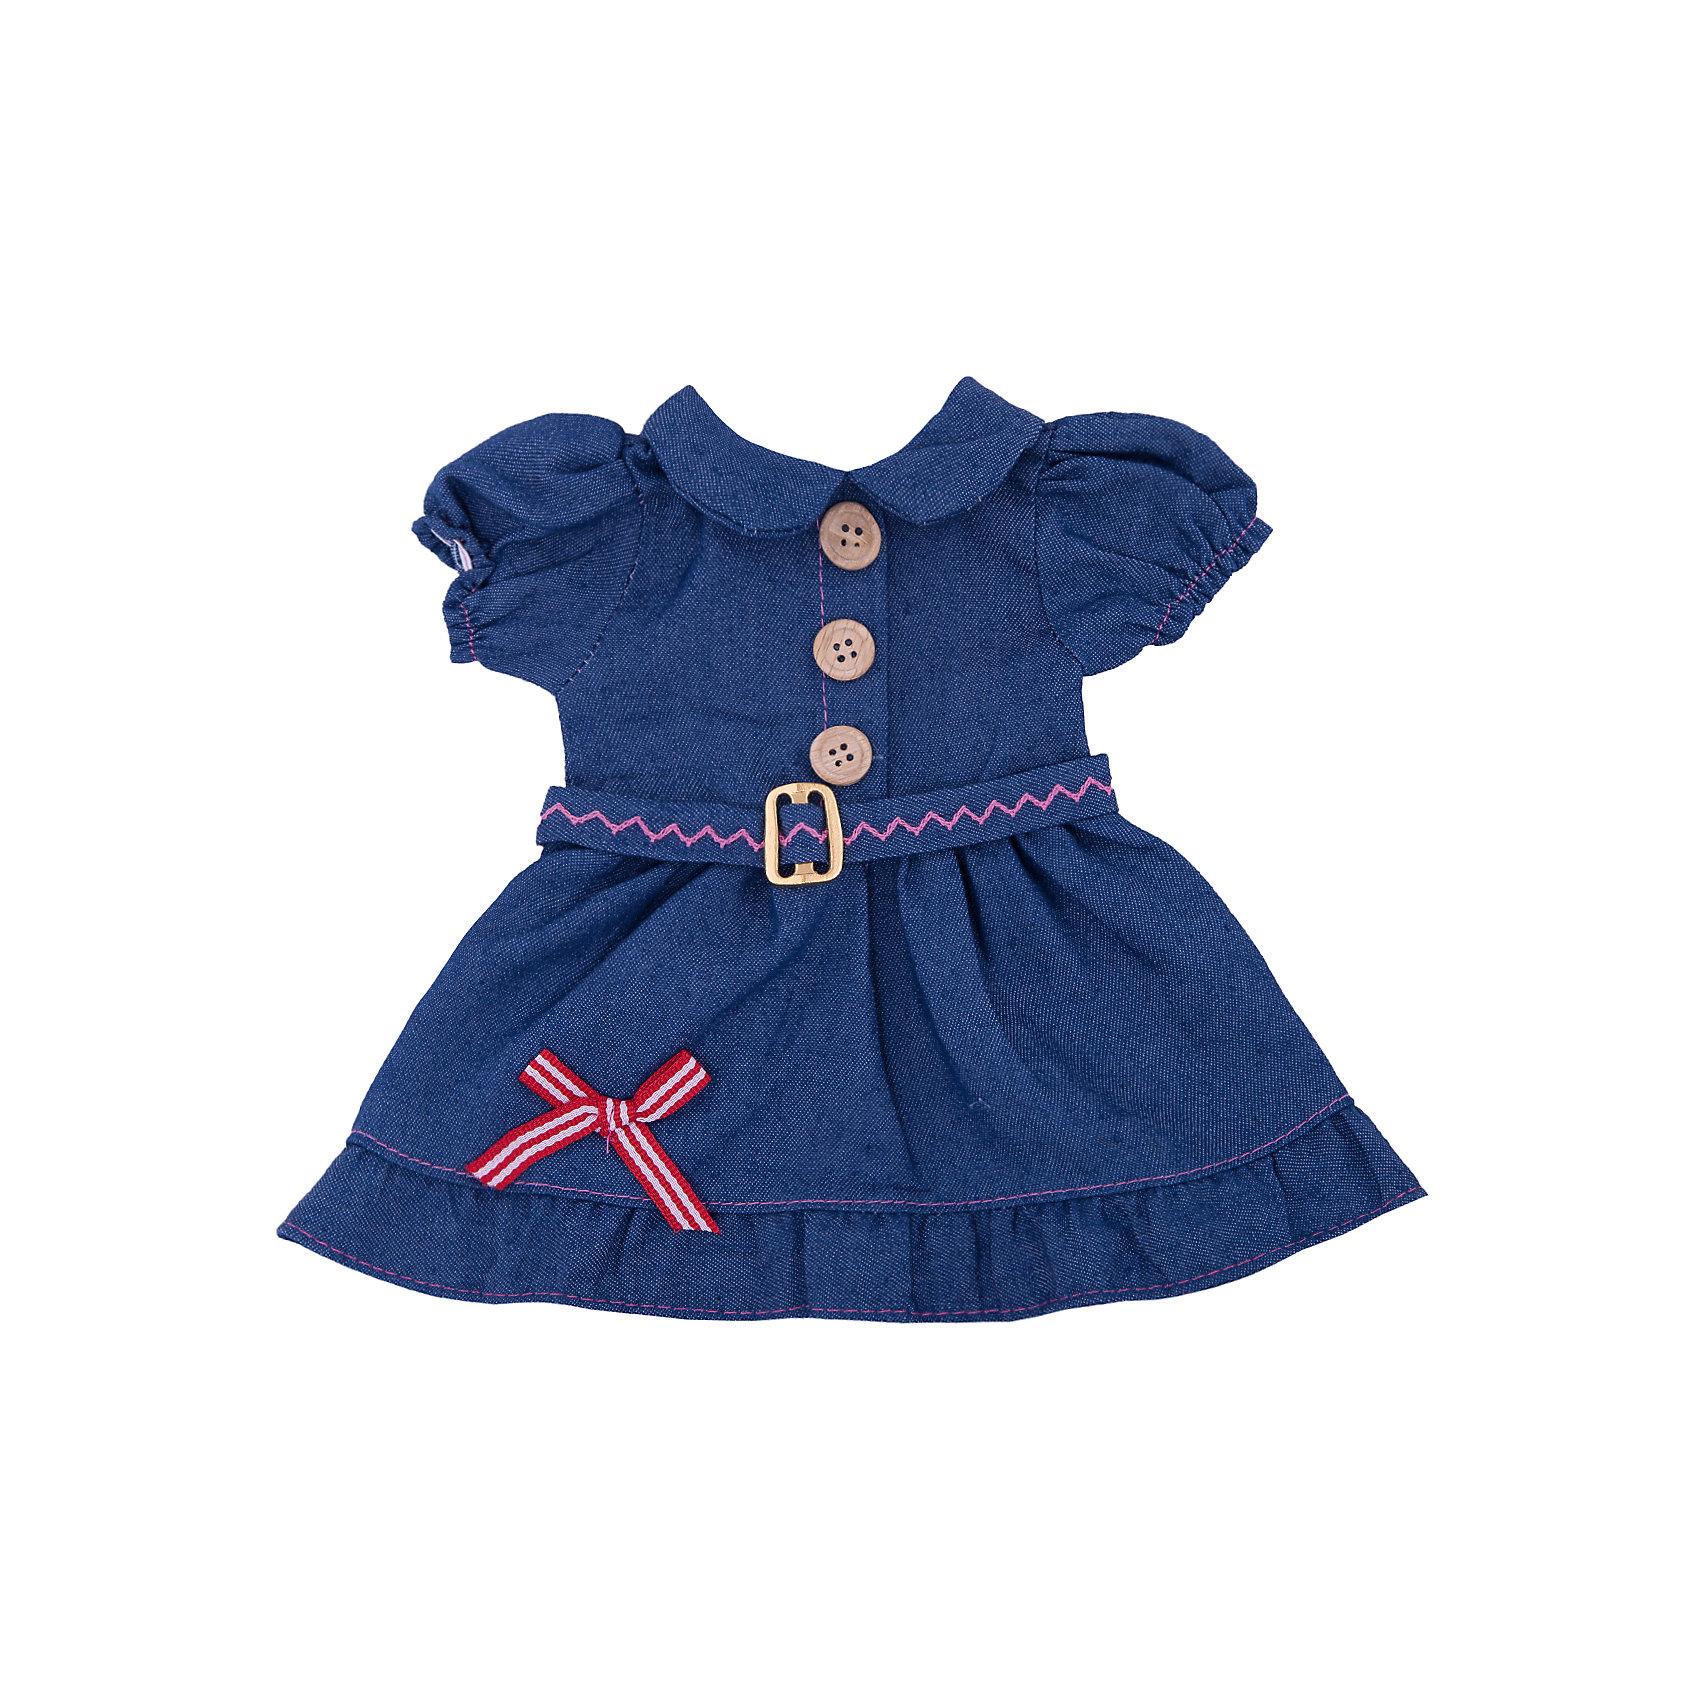 Одежда для кукол: синее платье, JUNFAКукольная одежда и аксессуары<br><br><br>Ширина мм: 255<br>Глубина мм: 360<br>Высота мм: 10<br>Вес г: 82<br>Возраст от месяцев: 36<br>Возраст до месяцев: 1188<br>Пол: Женский<br>Возраст: Детский<br>SKU: 5173031